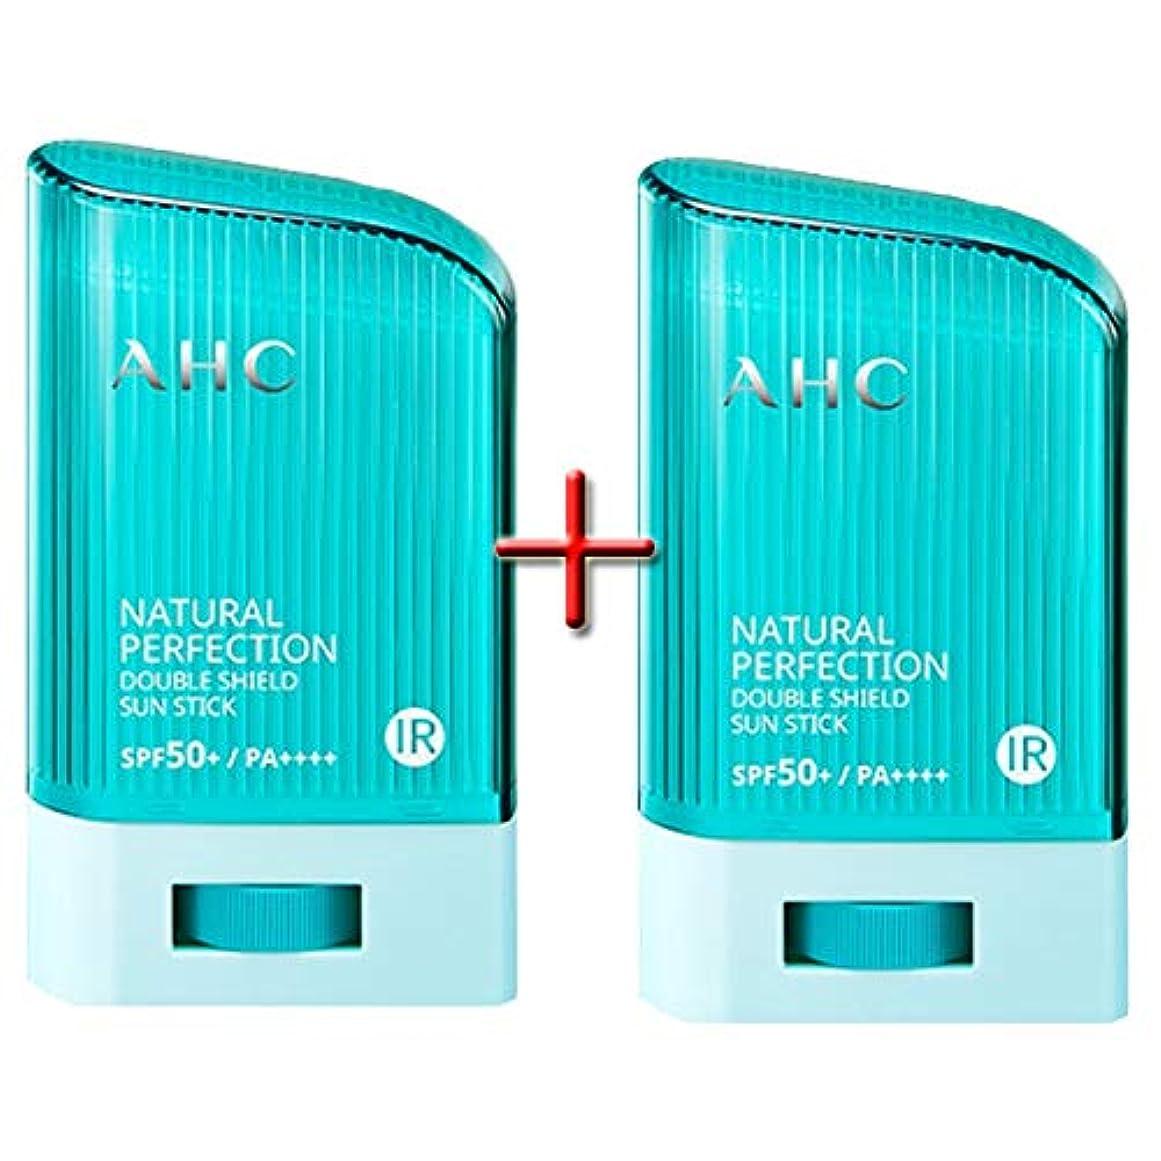 ヘルパー船形分析的[ 1+1 ] AHC ナチュラルパーフェクションダブルシールドサンスティック 22g, Natural Perfection Double Shield Sun Stick SPF50+ PA++++